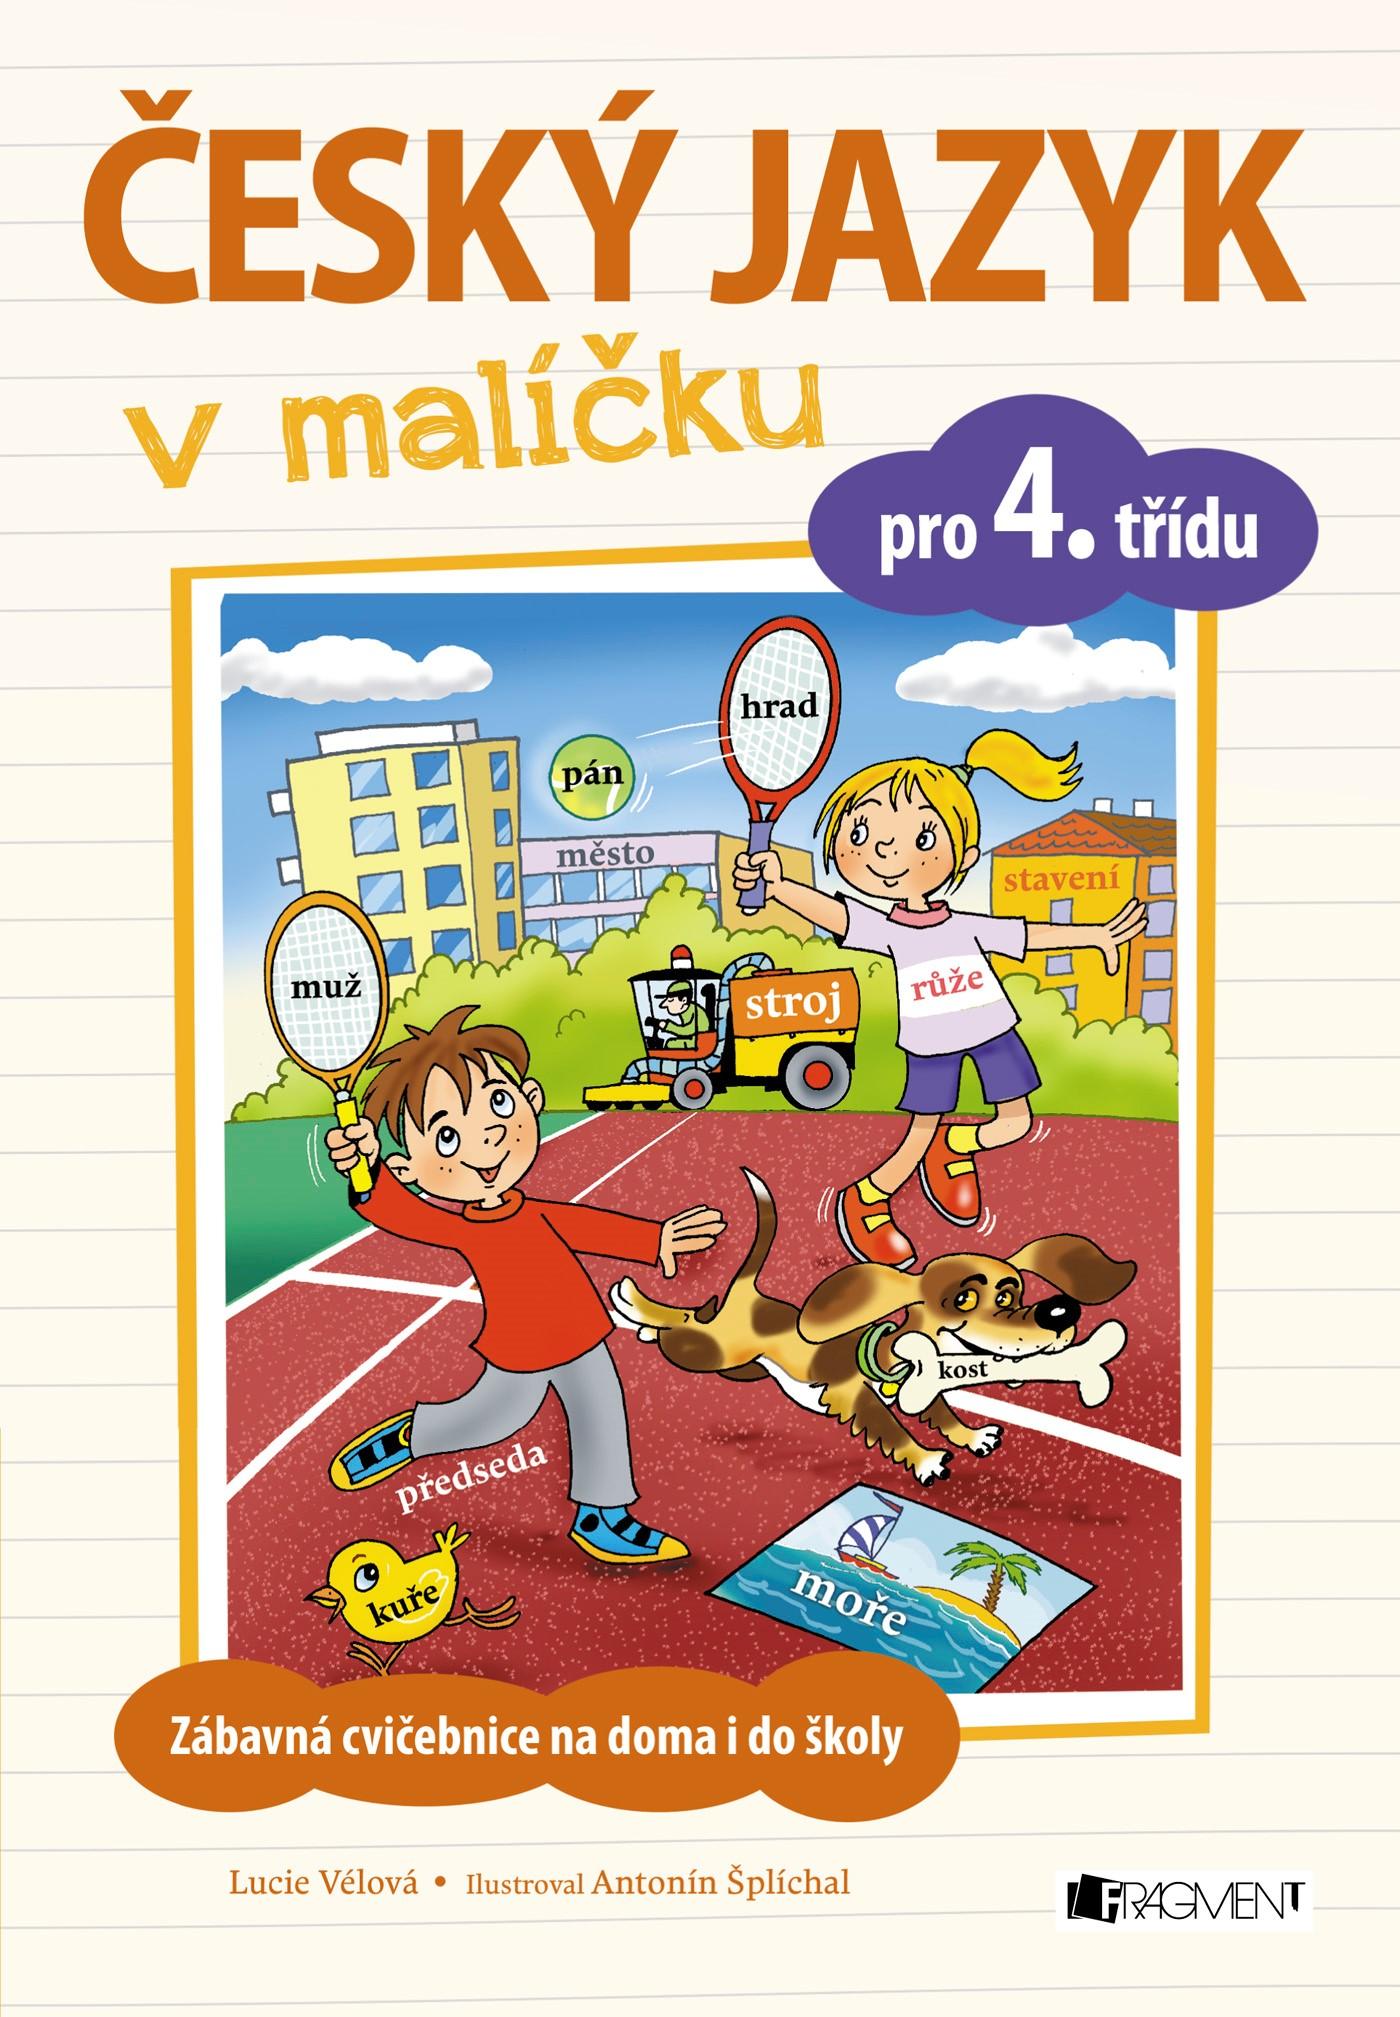 Český jazyk v malíčku pro 4. třídu   Lucie Vélová